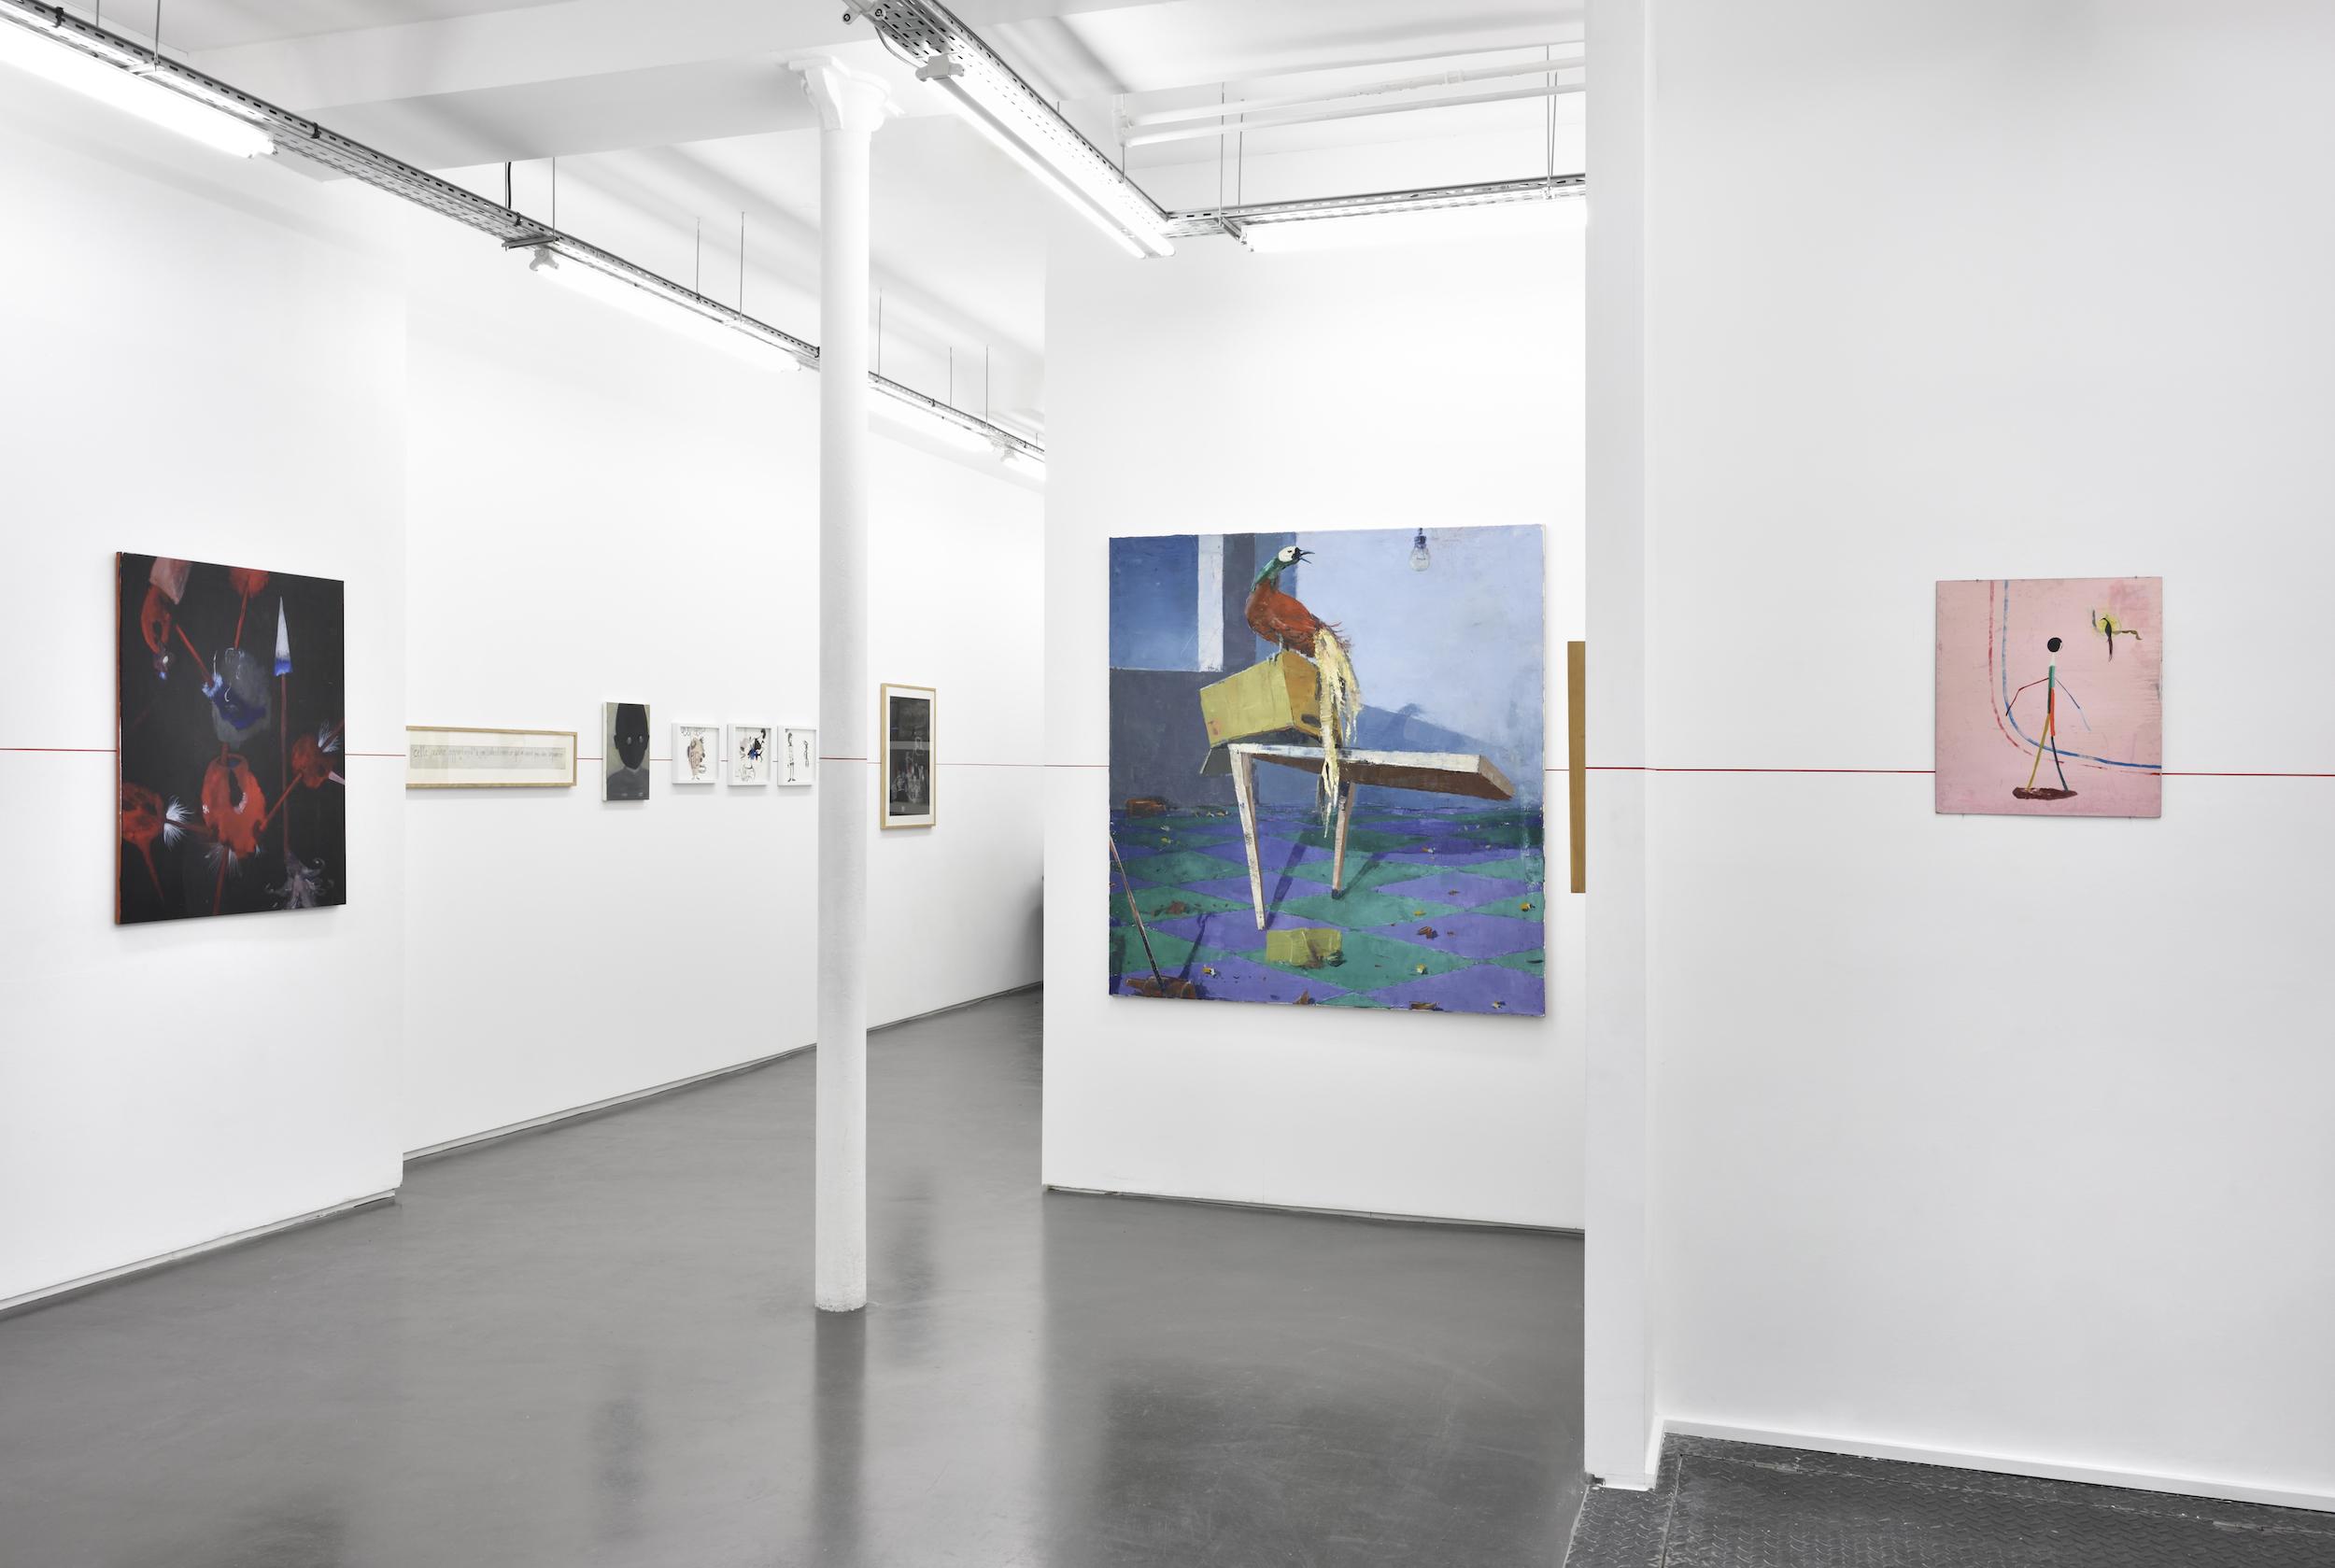 Vue de l'exposition La Ligne Rouge, Chapitre trois - Galerie Maïa Muller, 2018 ©Rebecca Fanuele